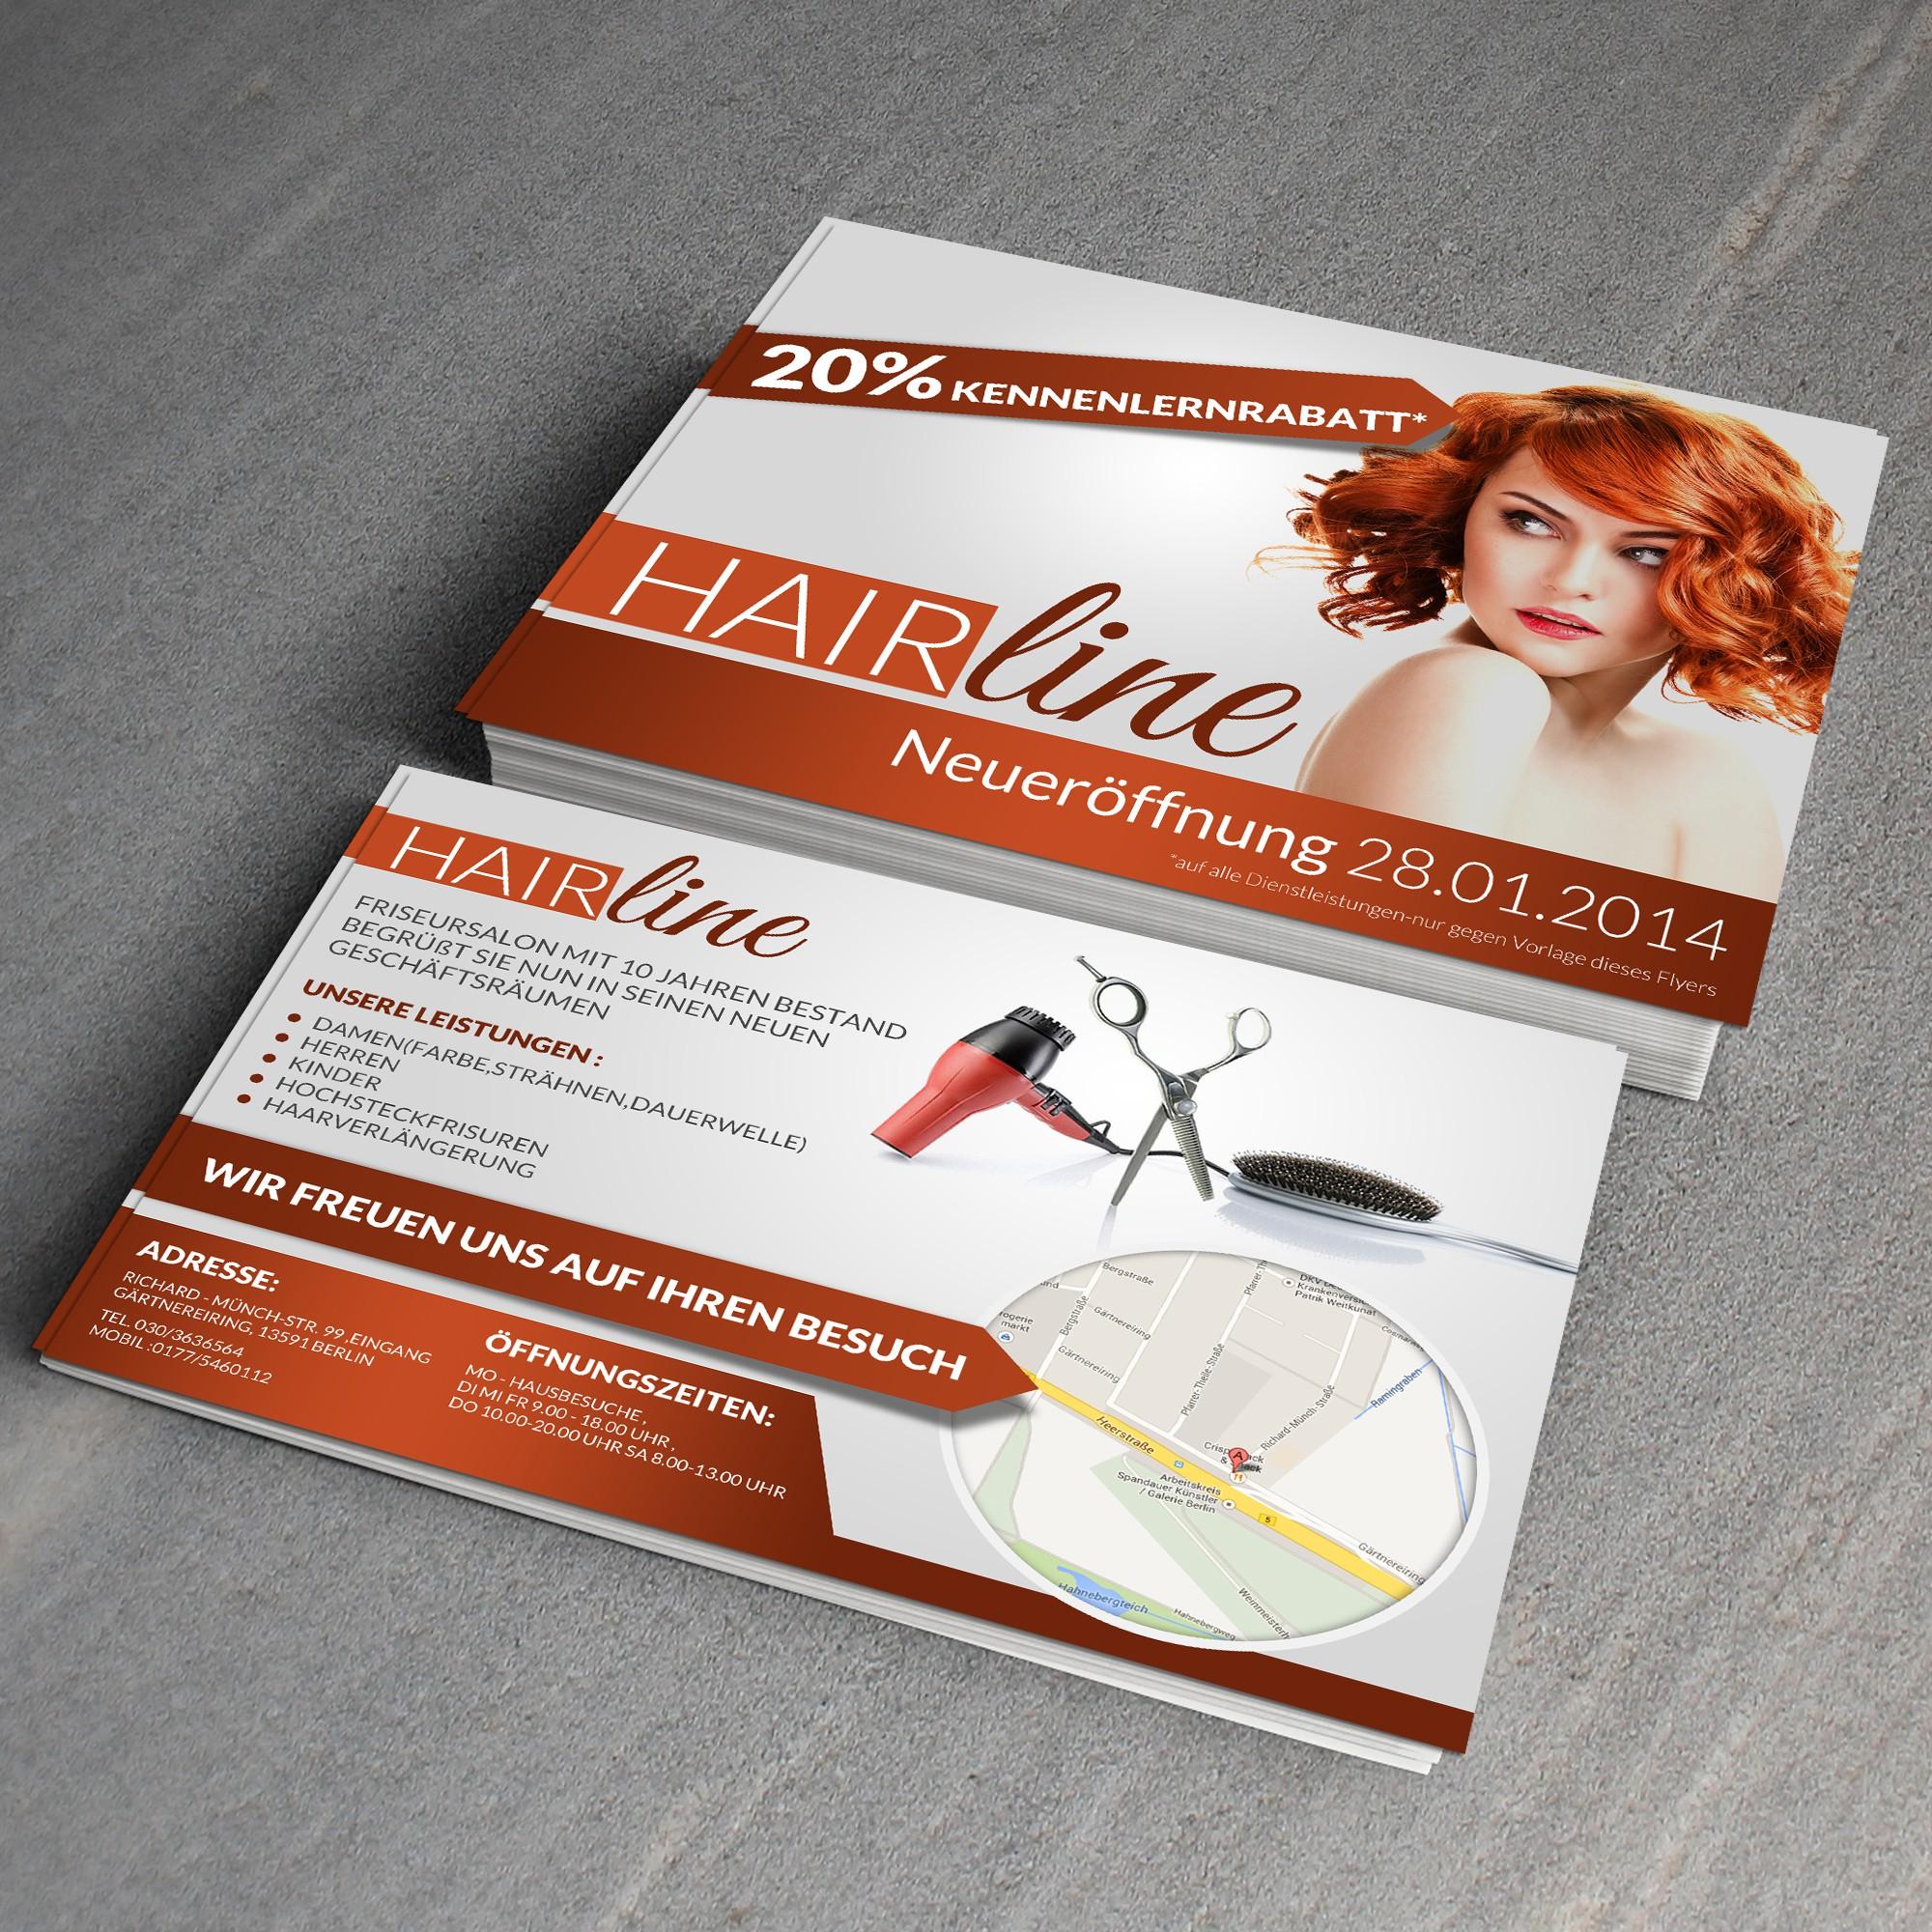 Auffallendes Flyerdesign für Neueröffnung eines Friseur